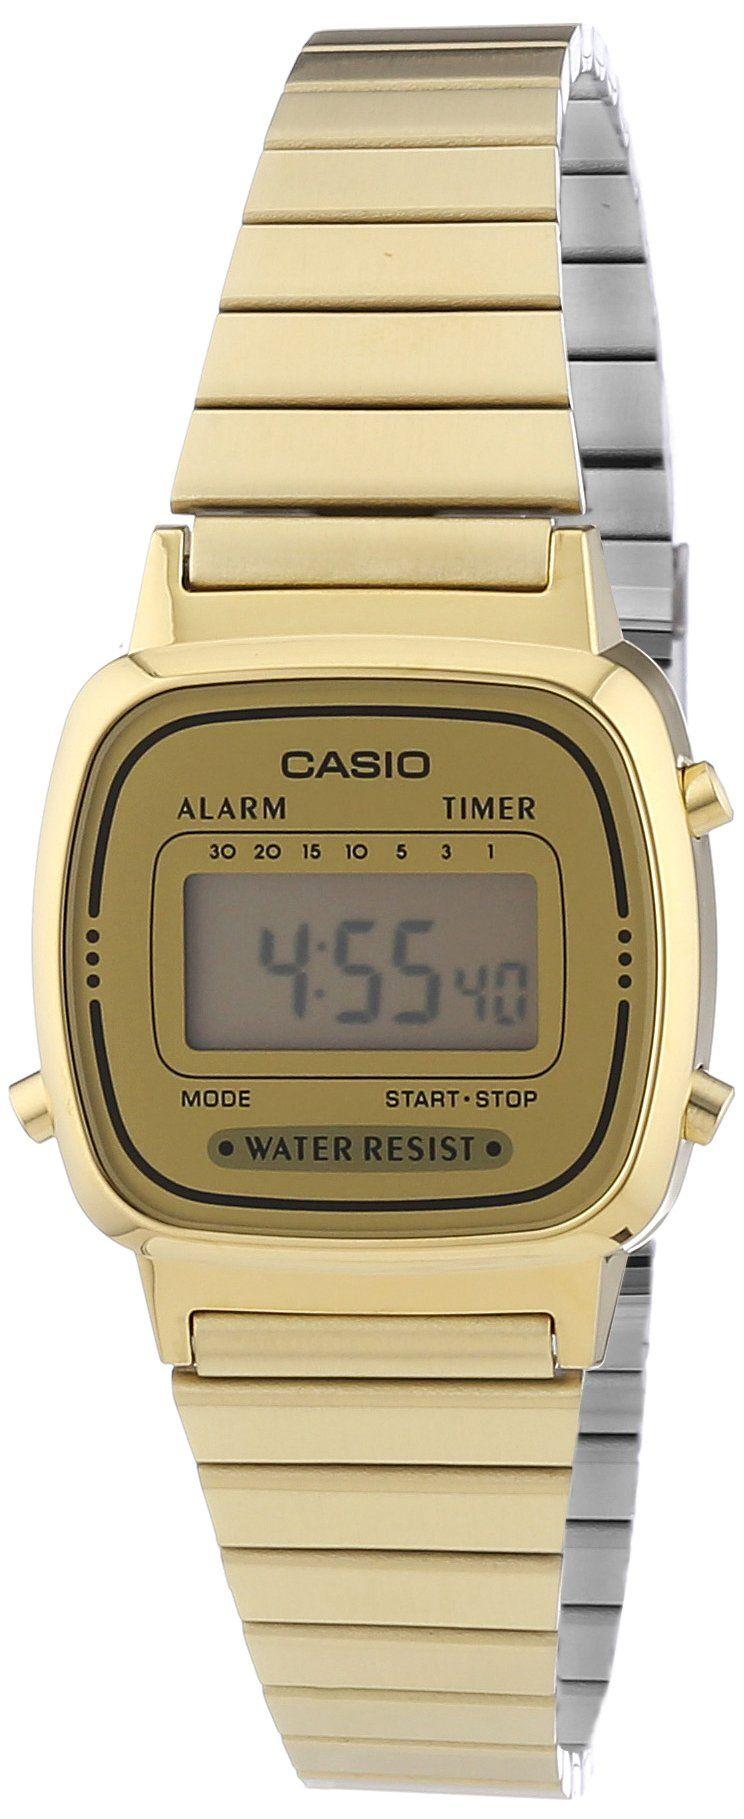 CASIO La670Wega-9Ef - Reloj de mujer de cuarzo 048553fc1fa4